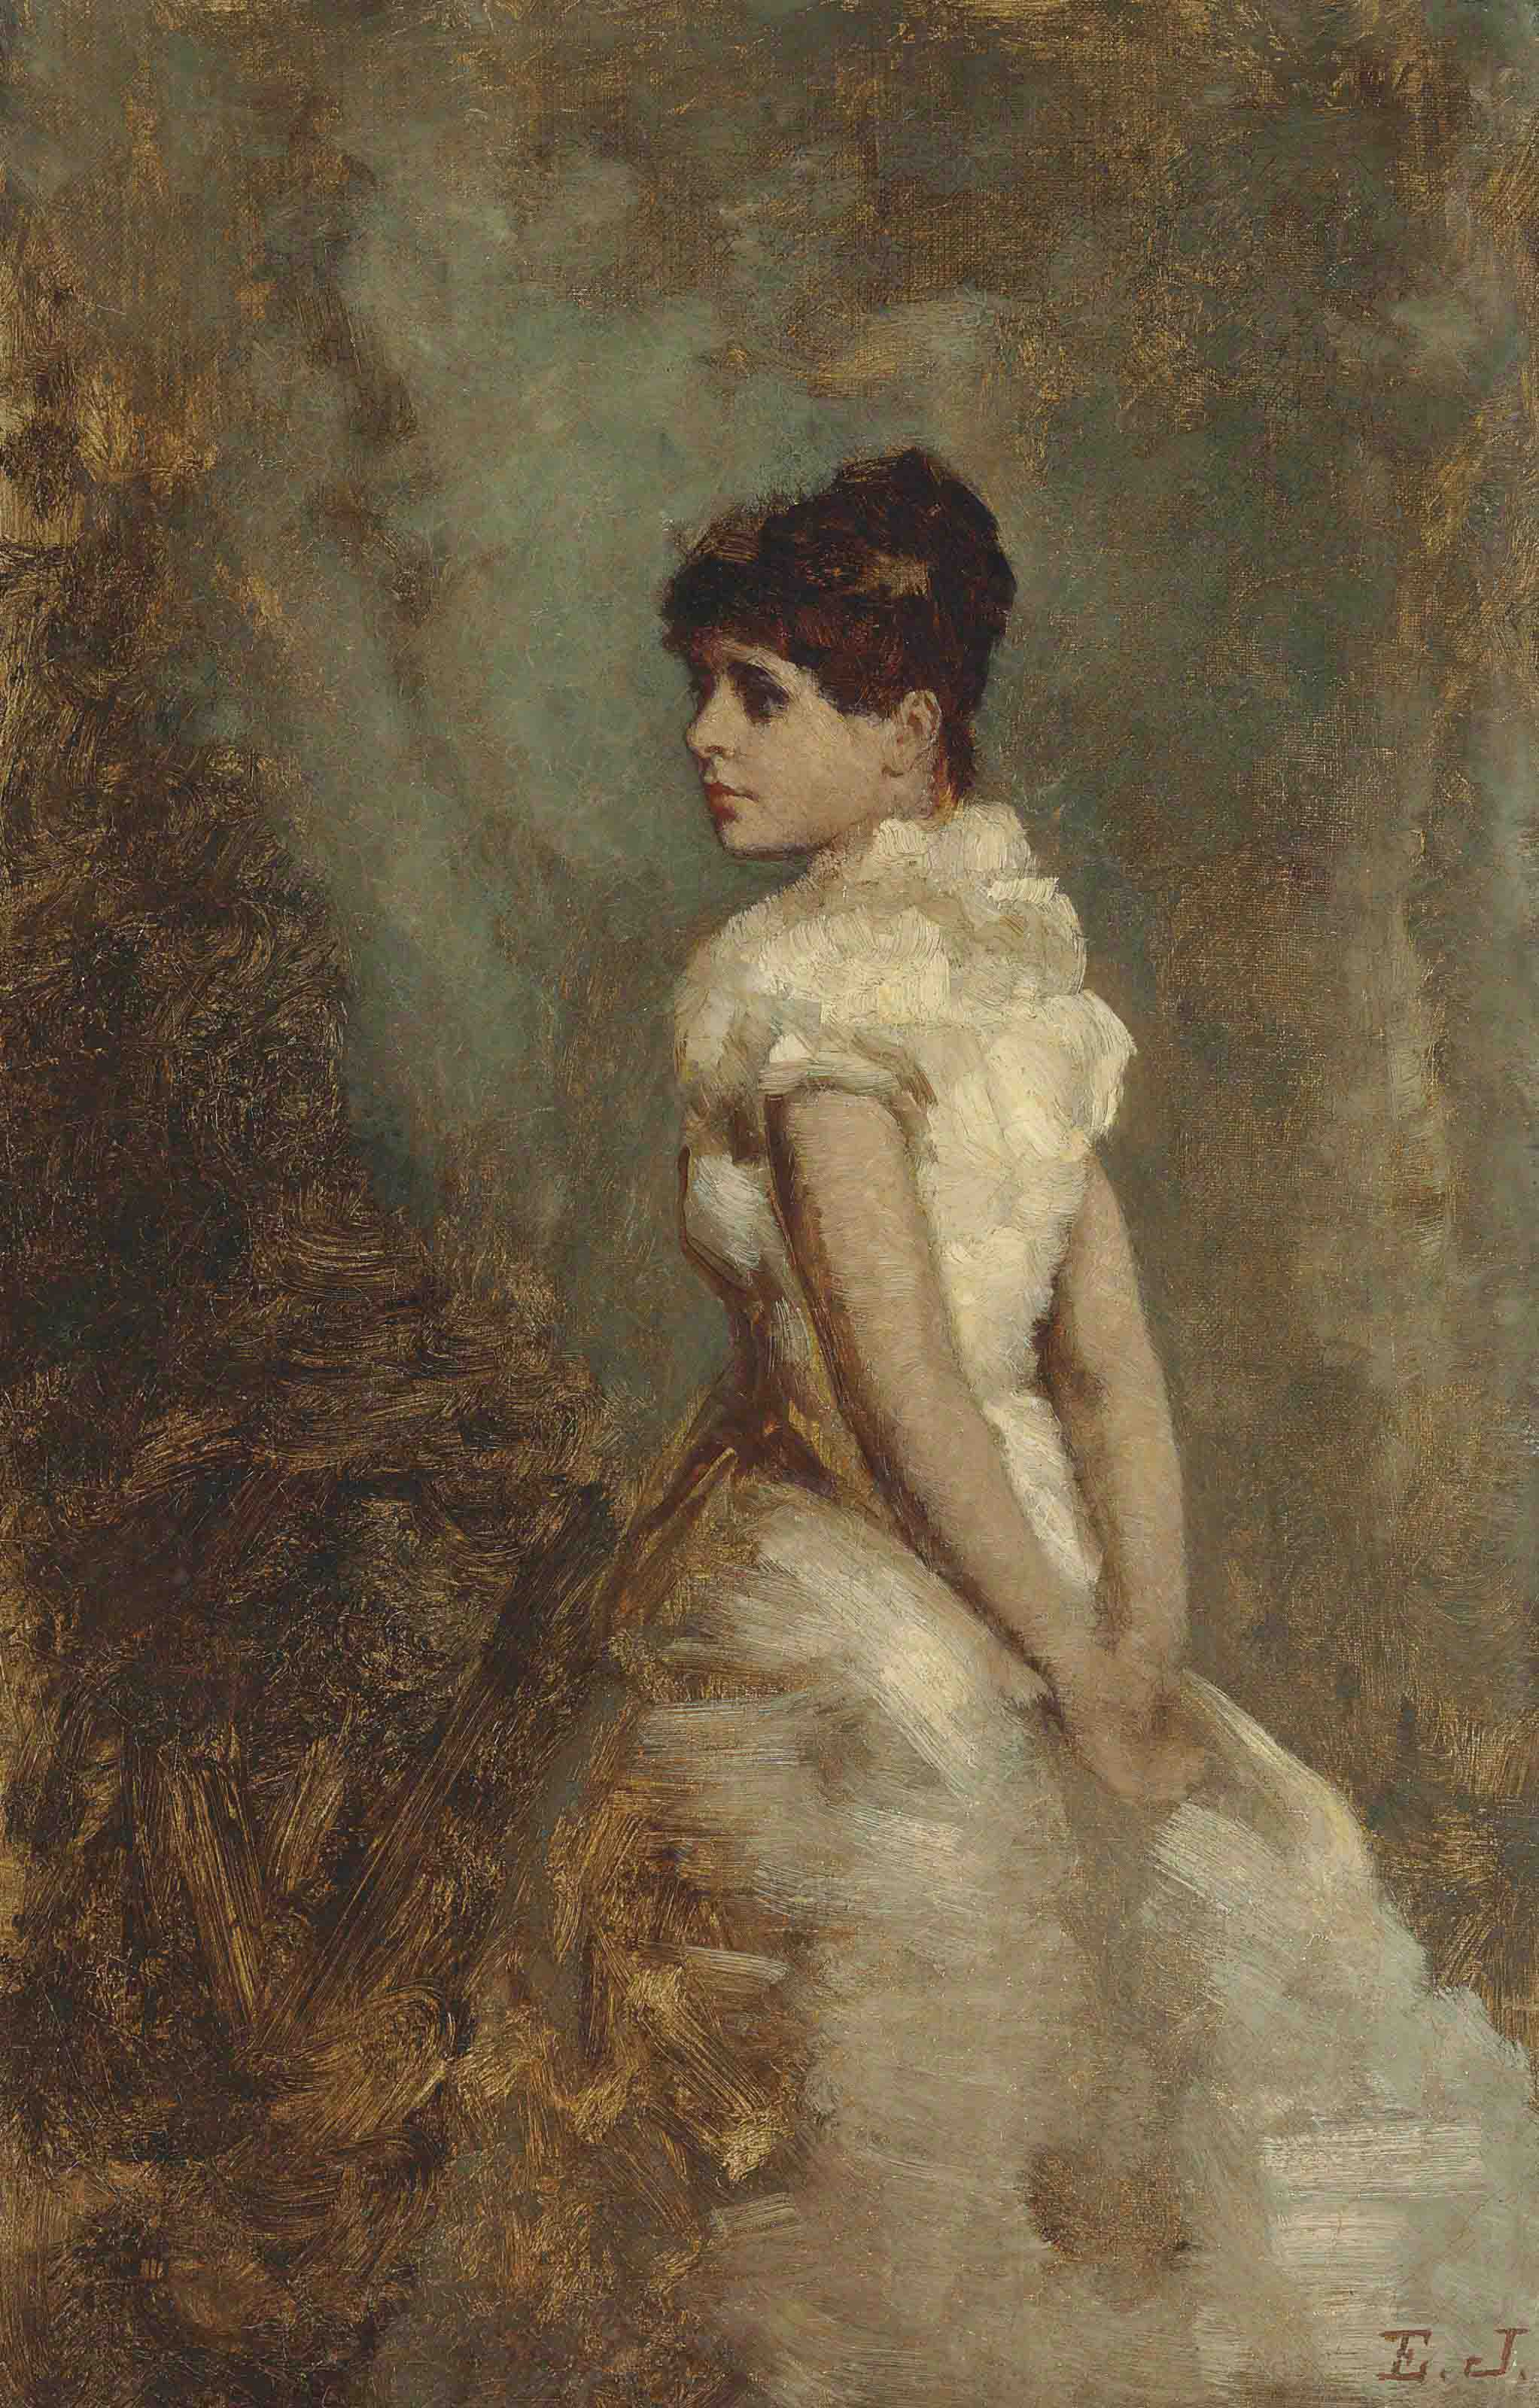 Lady in Yellow (Edwina Booth)